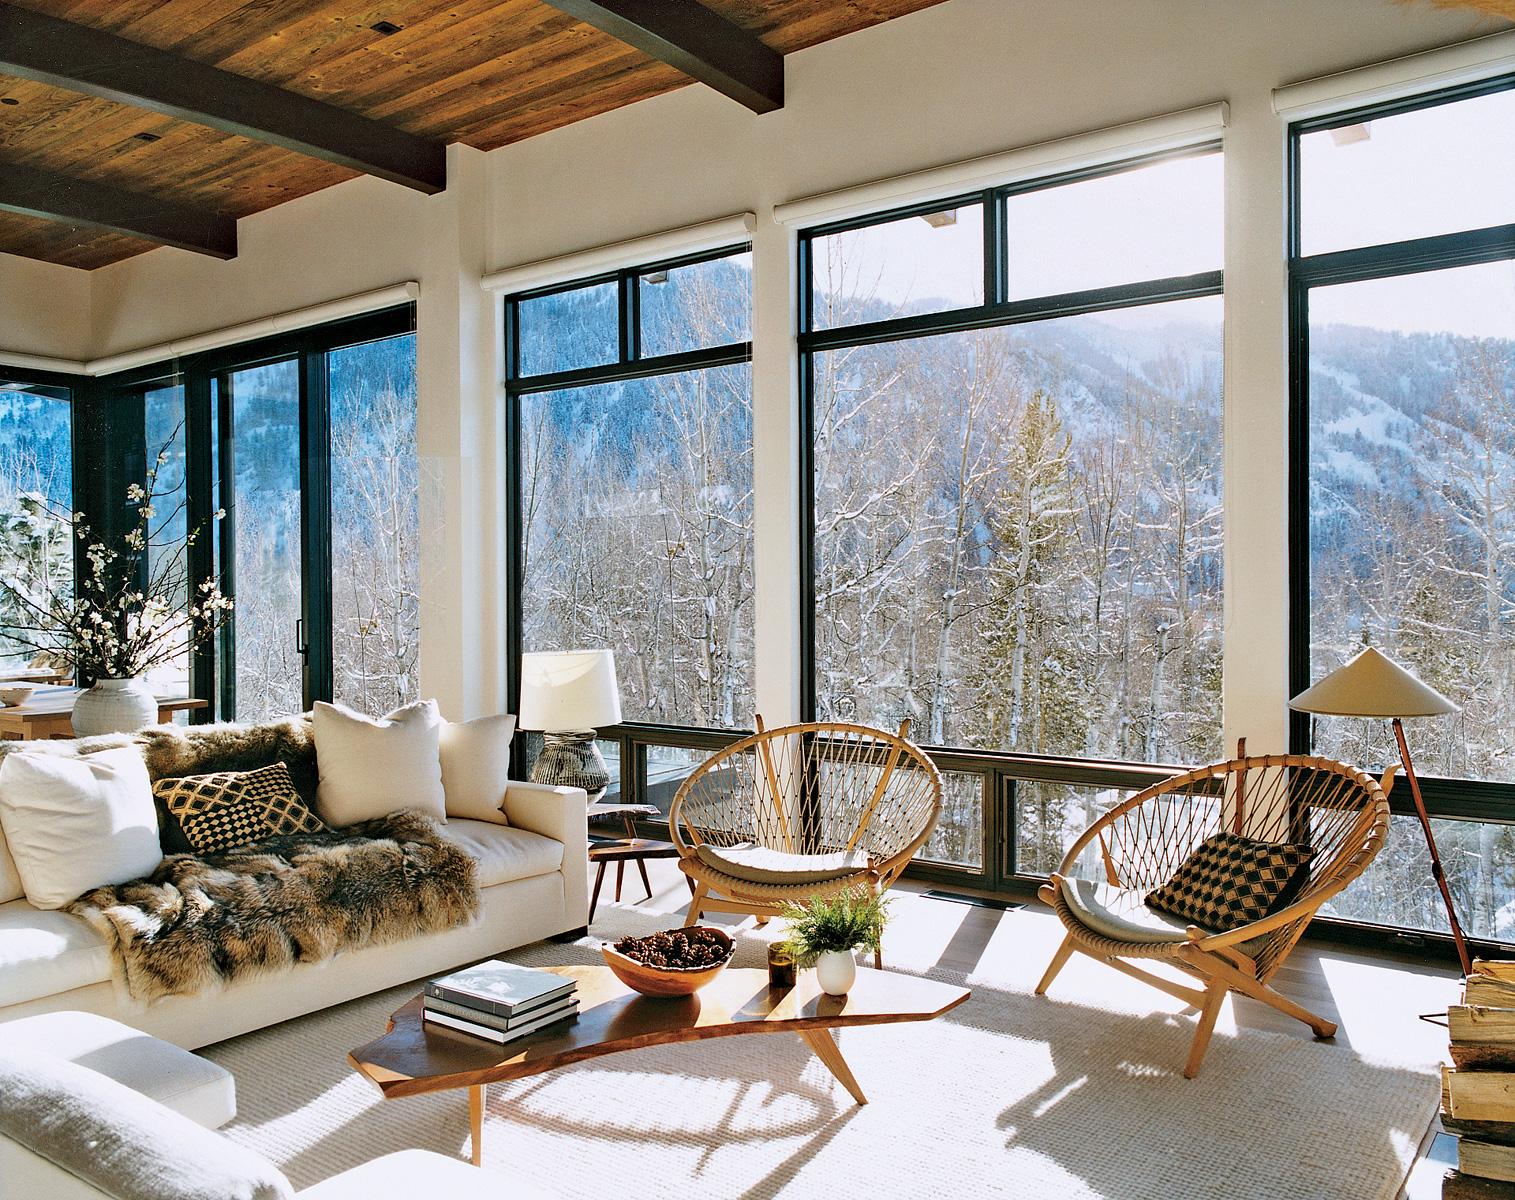 Loveisspeed aerin lauder s aspen home for Aspen house